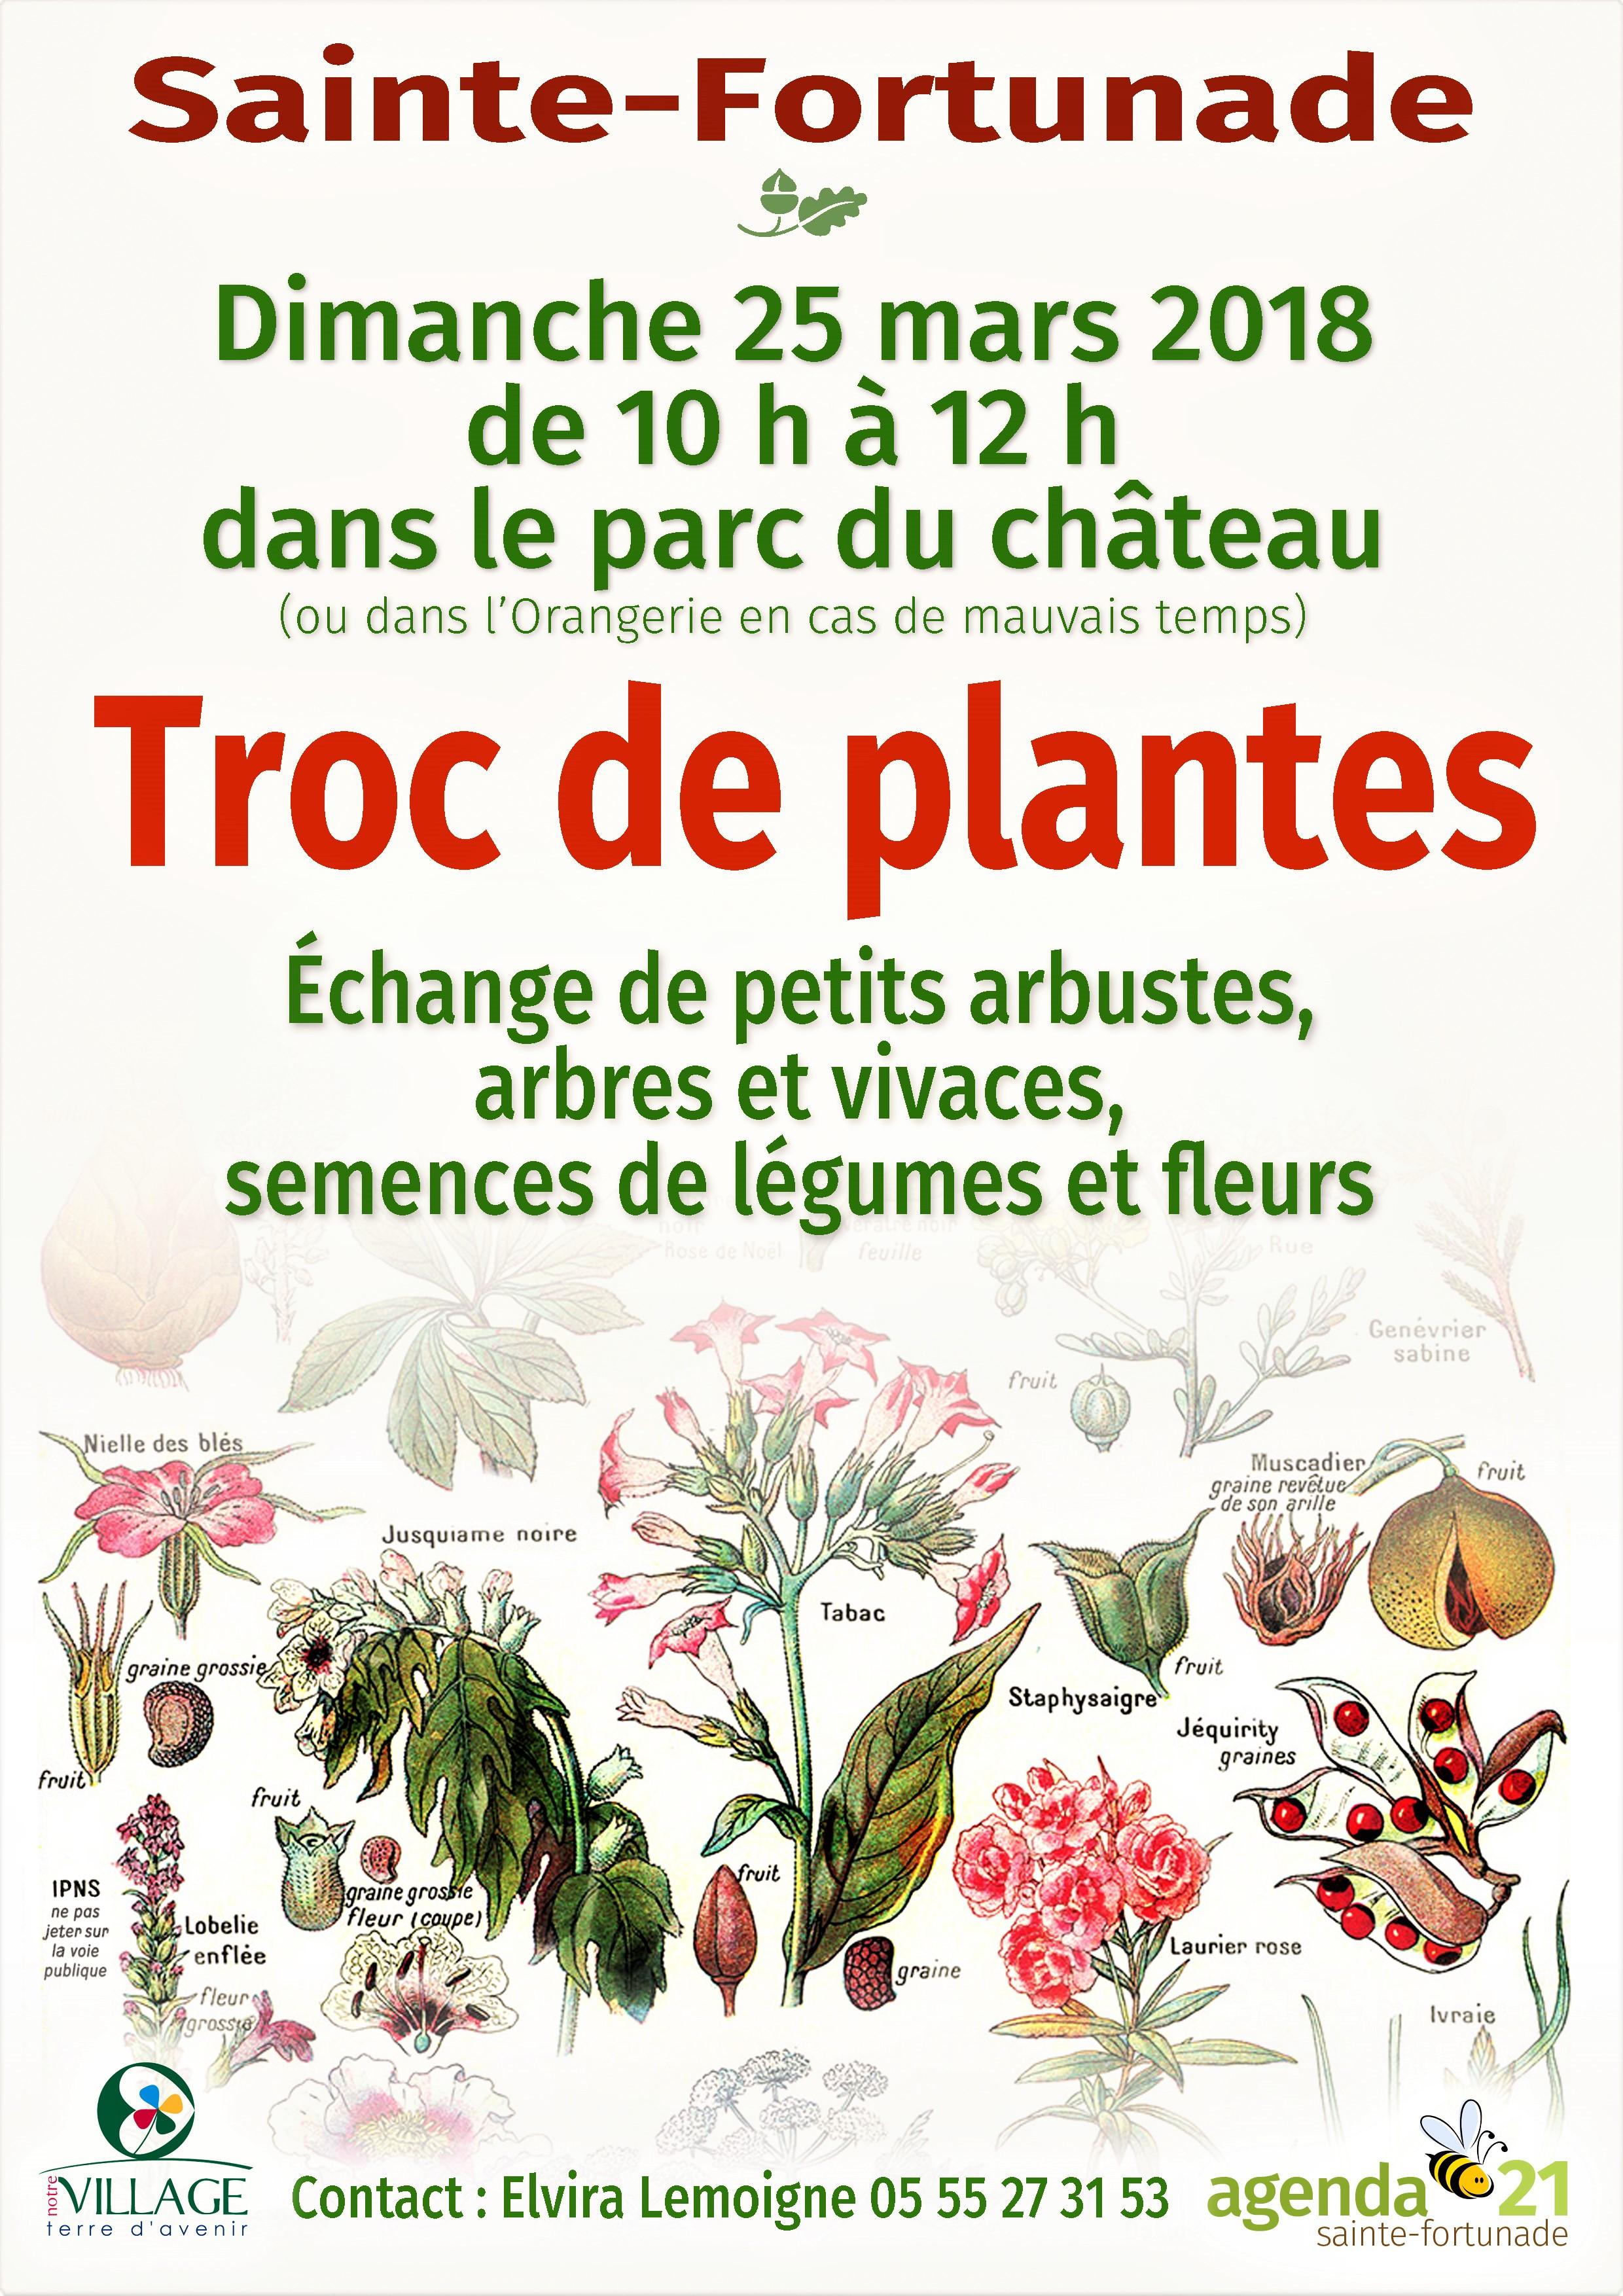 Sainte-Fortunade: Troc de plantes @ Sainte-Fortunade